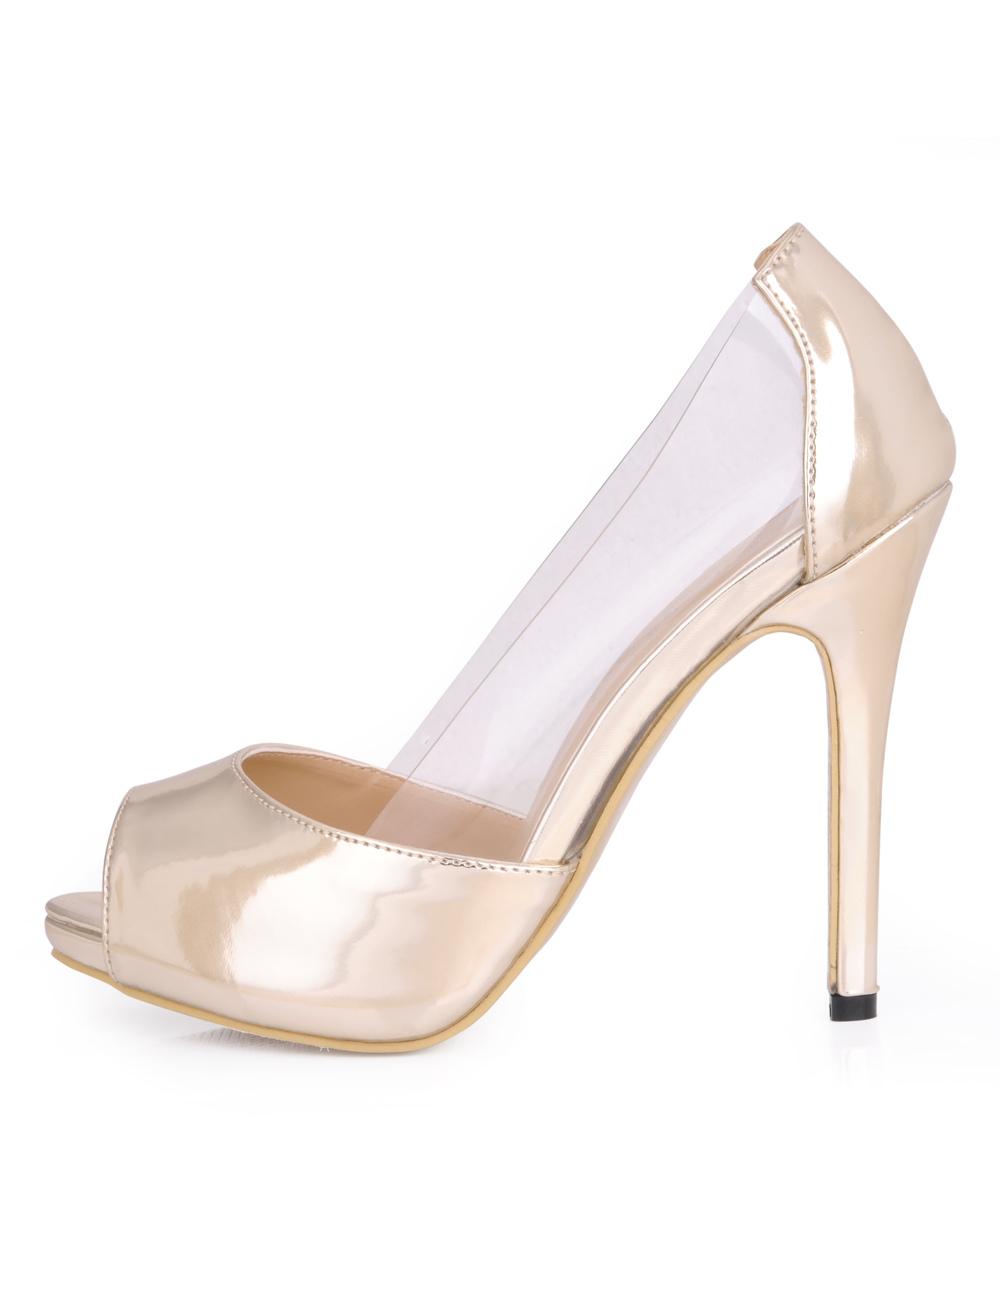 Peep High Heels Pumps Women's Stiletto Heels